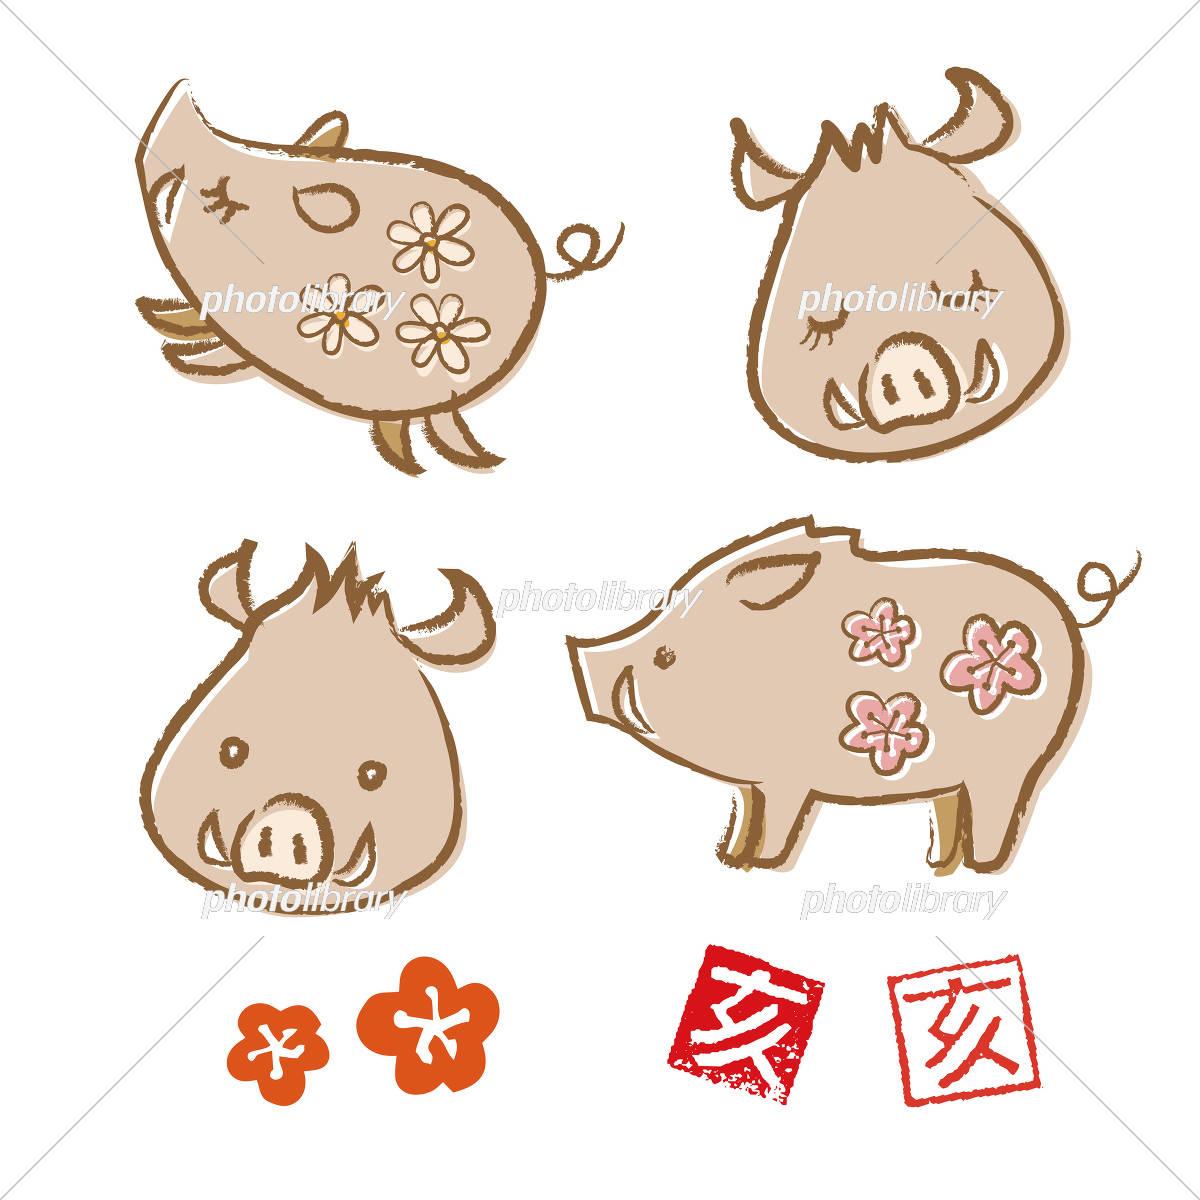 かわいい猪のイラスト 年賀状素材 干支動物